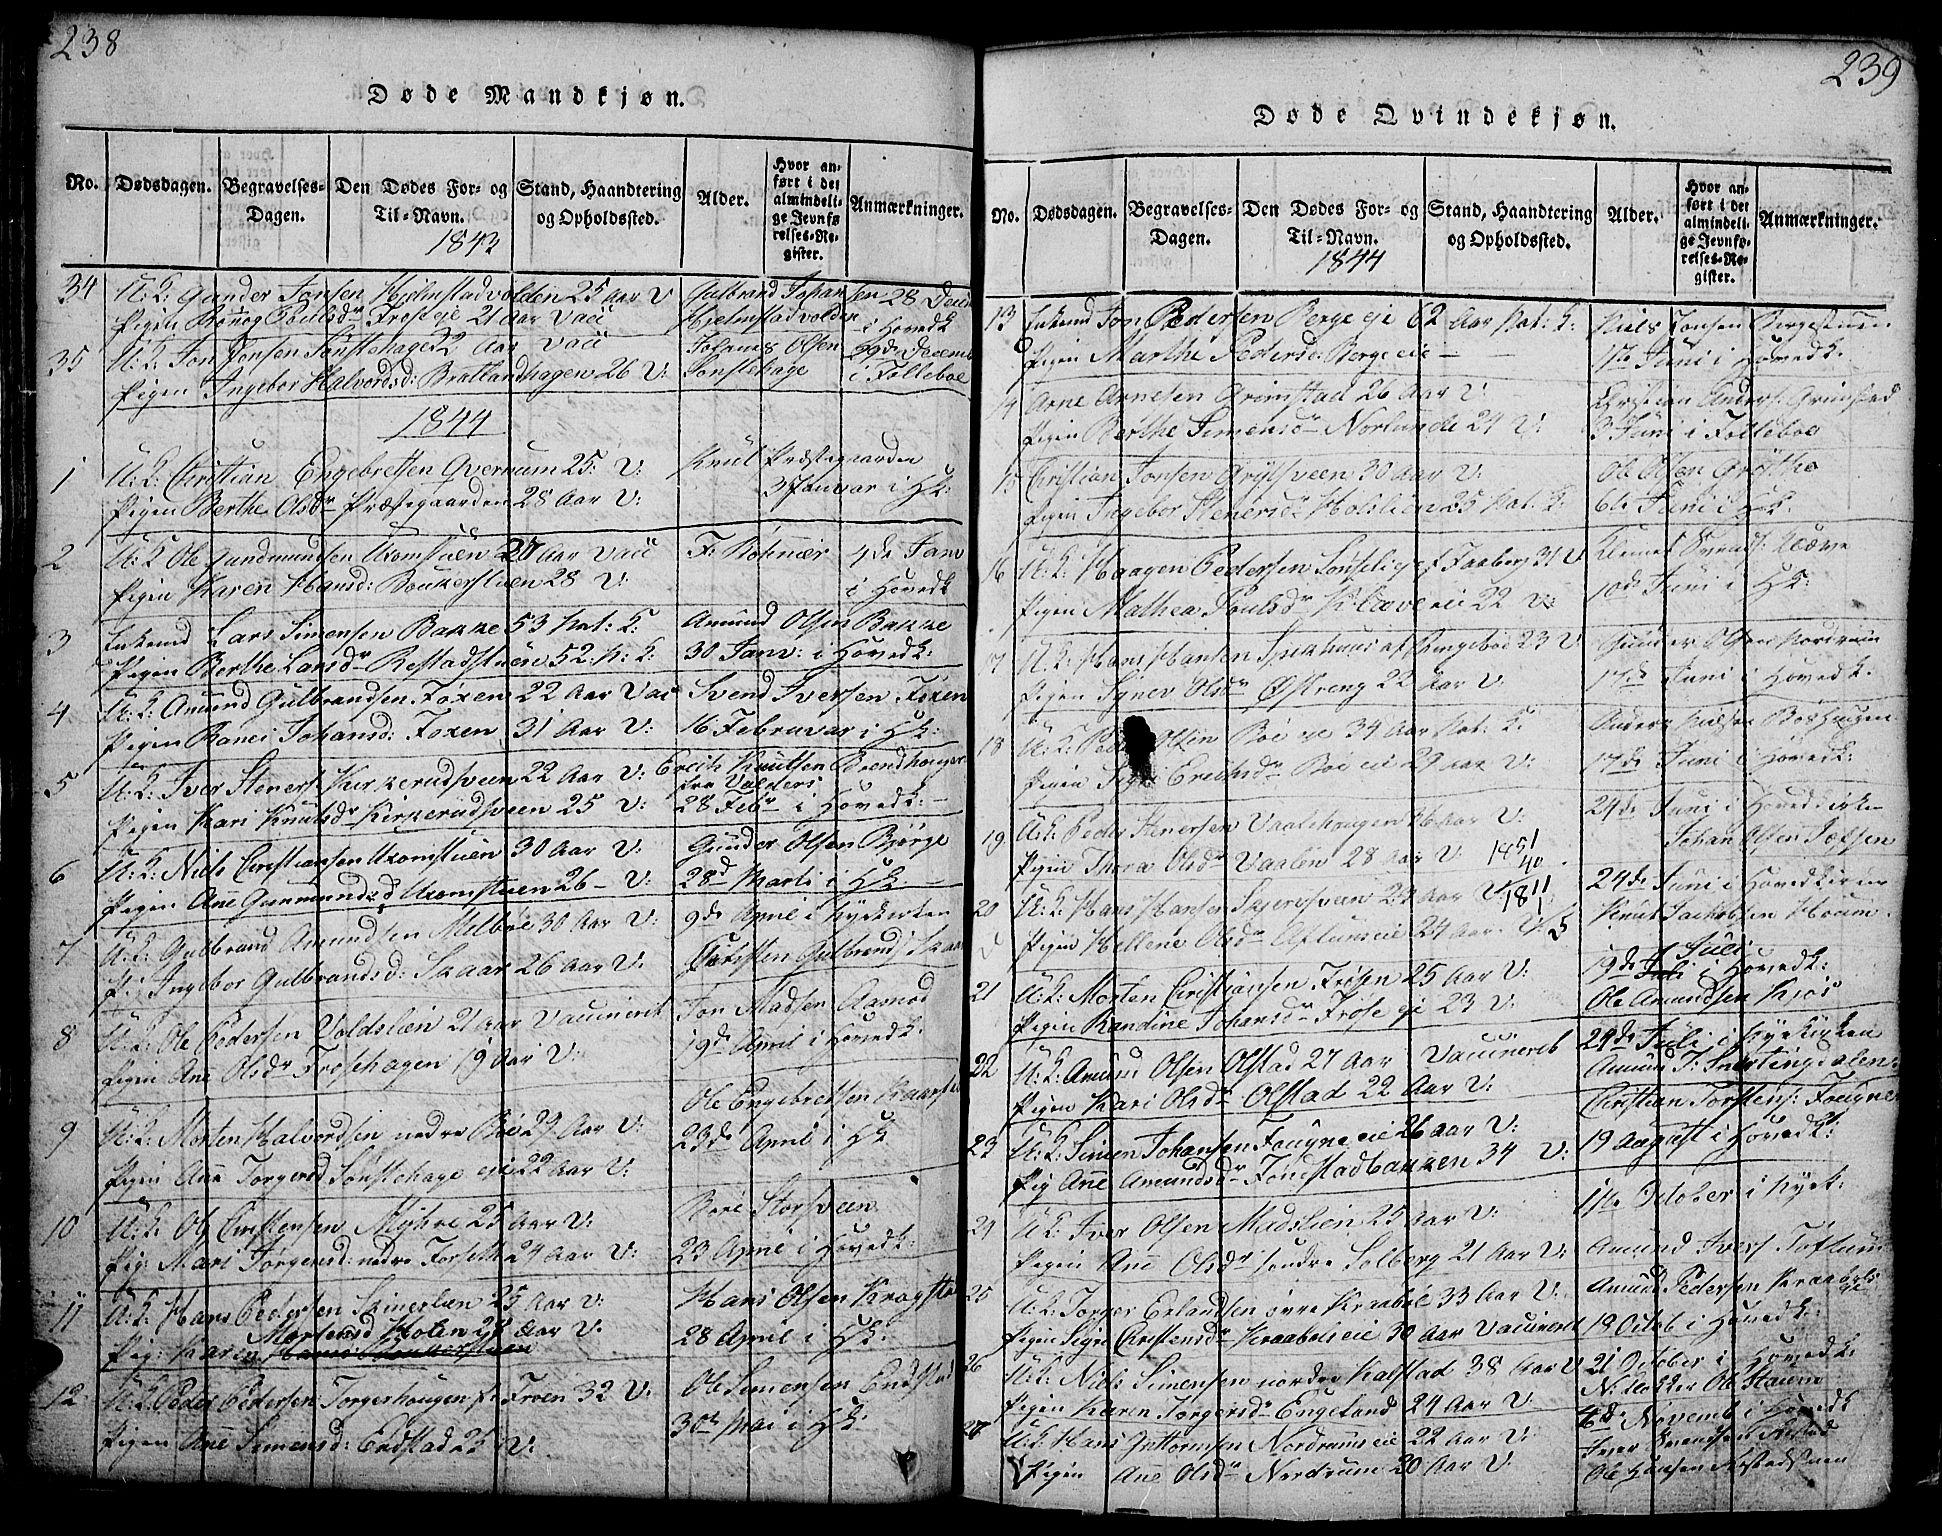 SAH, Gausdal prestekontor, Klokkerbok nr. 1, 1817-1848, s. 238-239